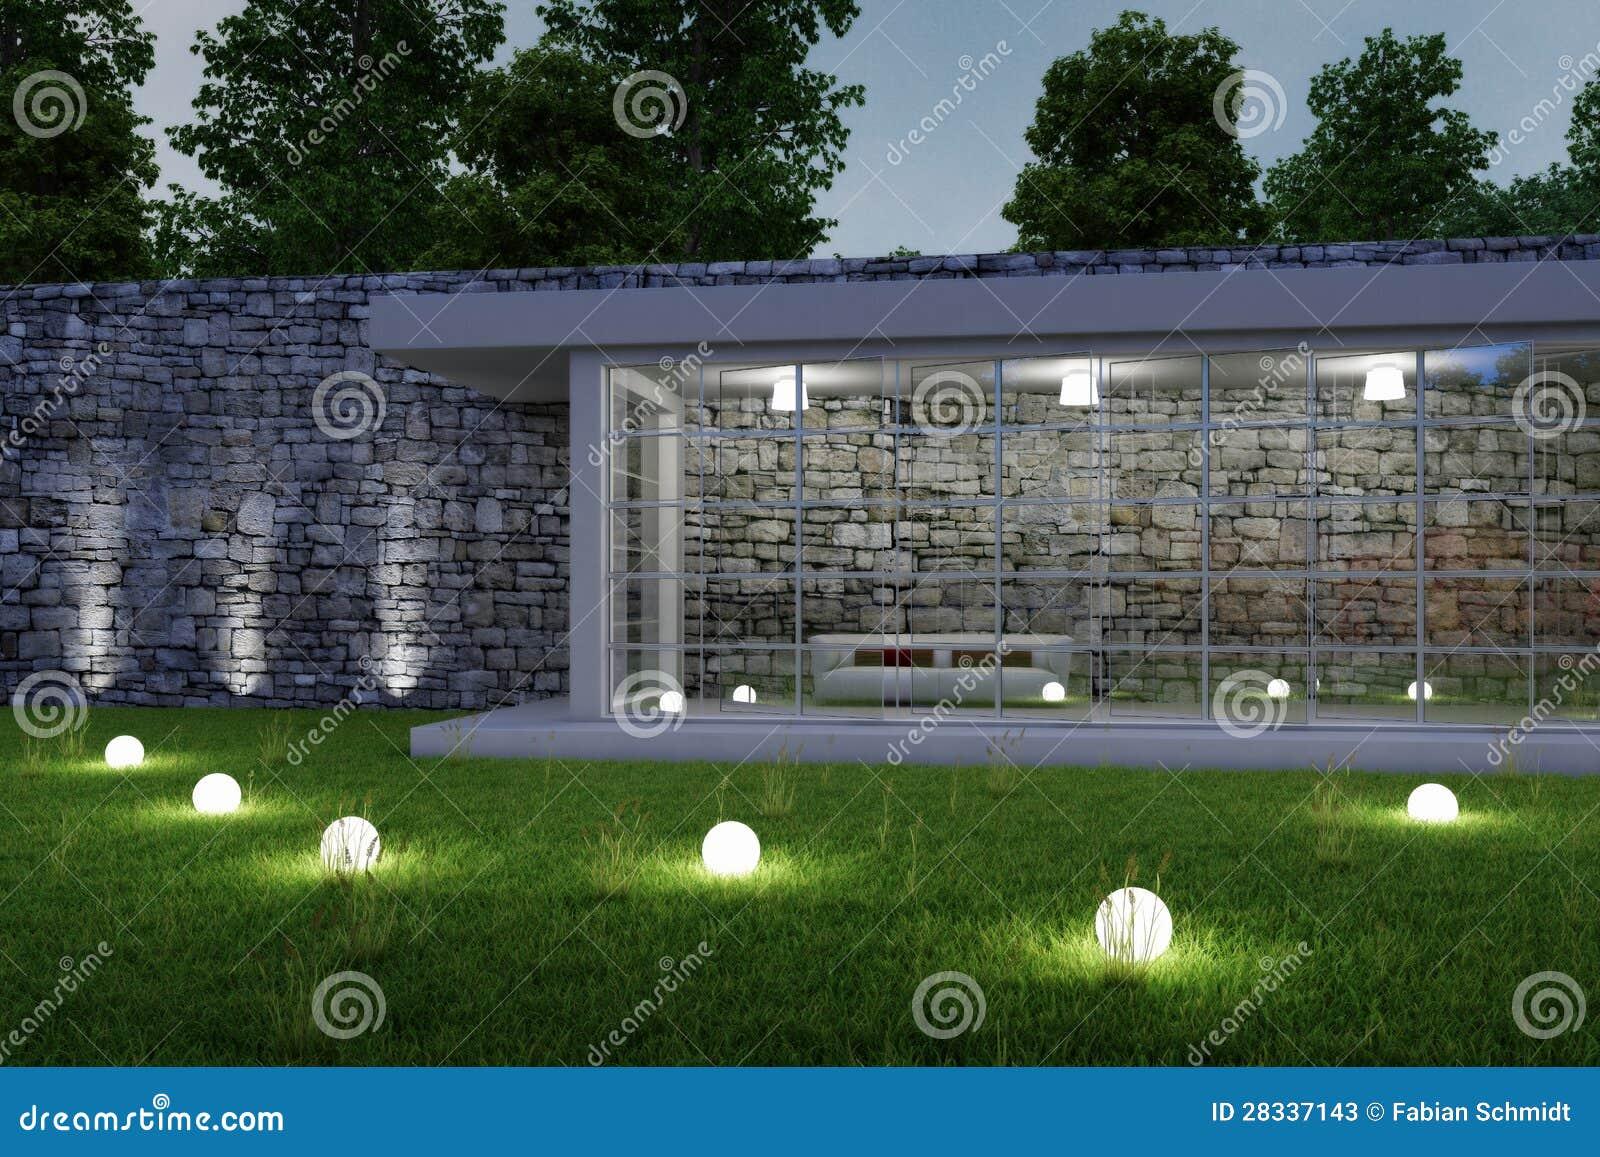 gartenarchitektur ~ moderne inspiration innenarchitektur und möbel - Gartenarchitektur